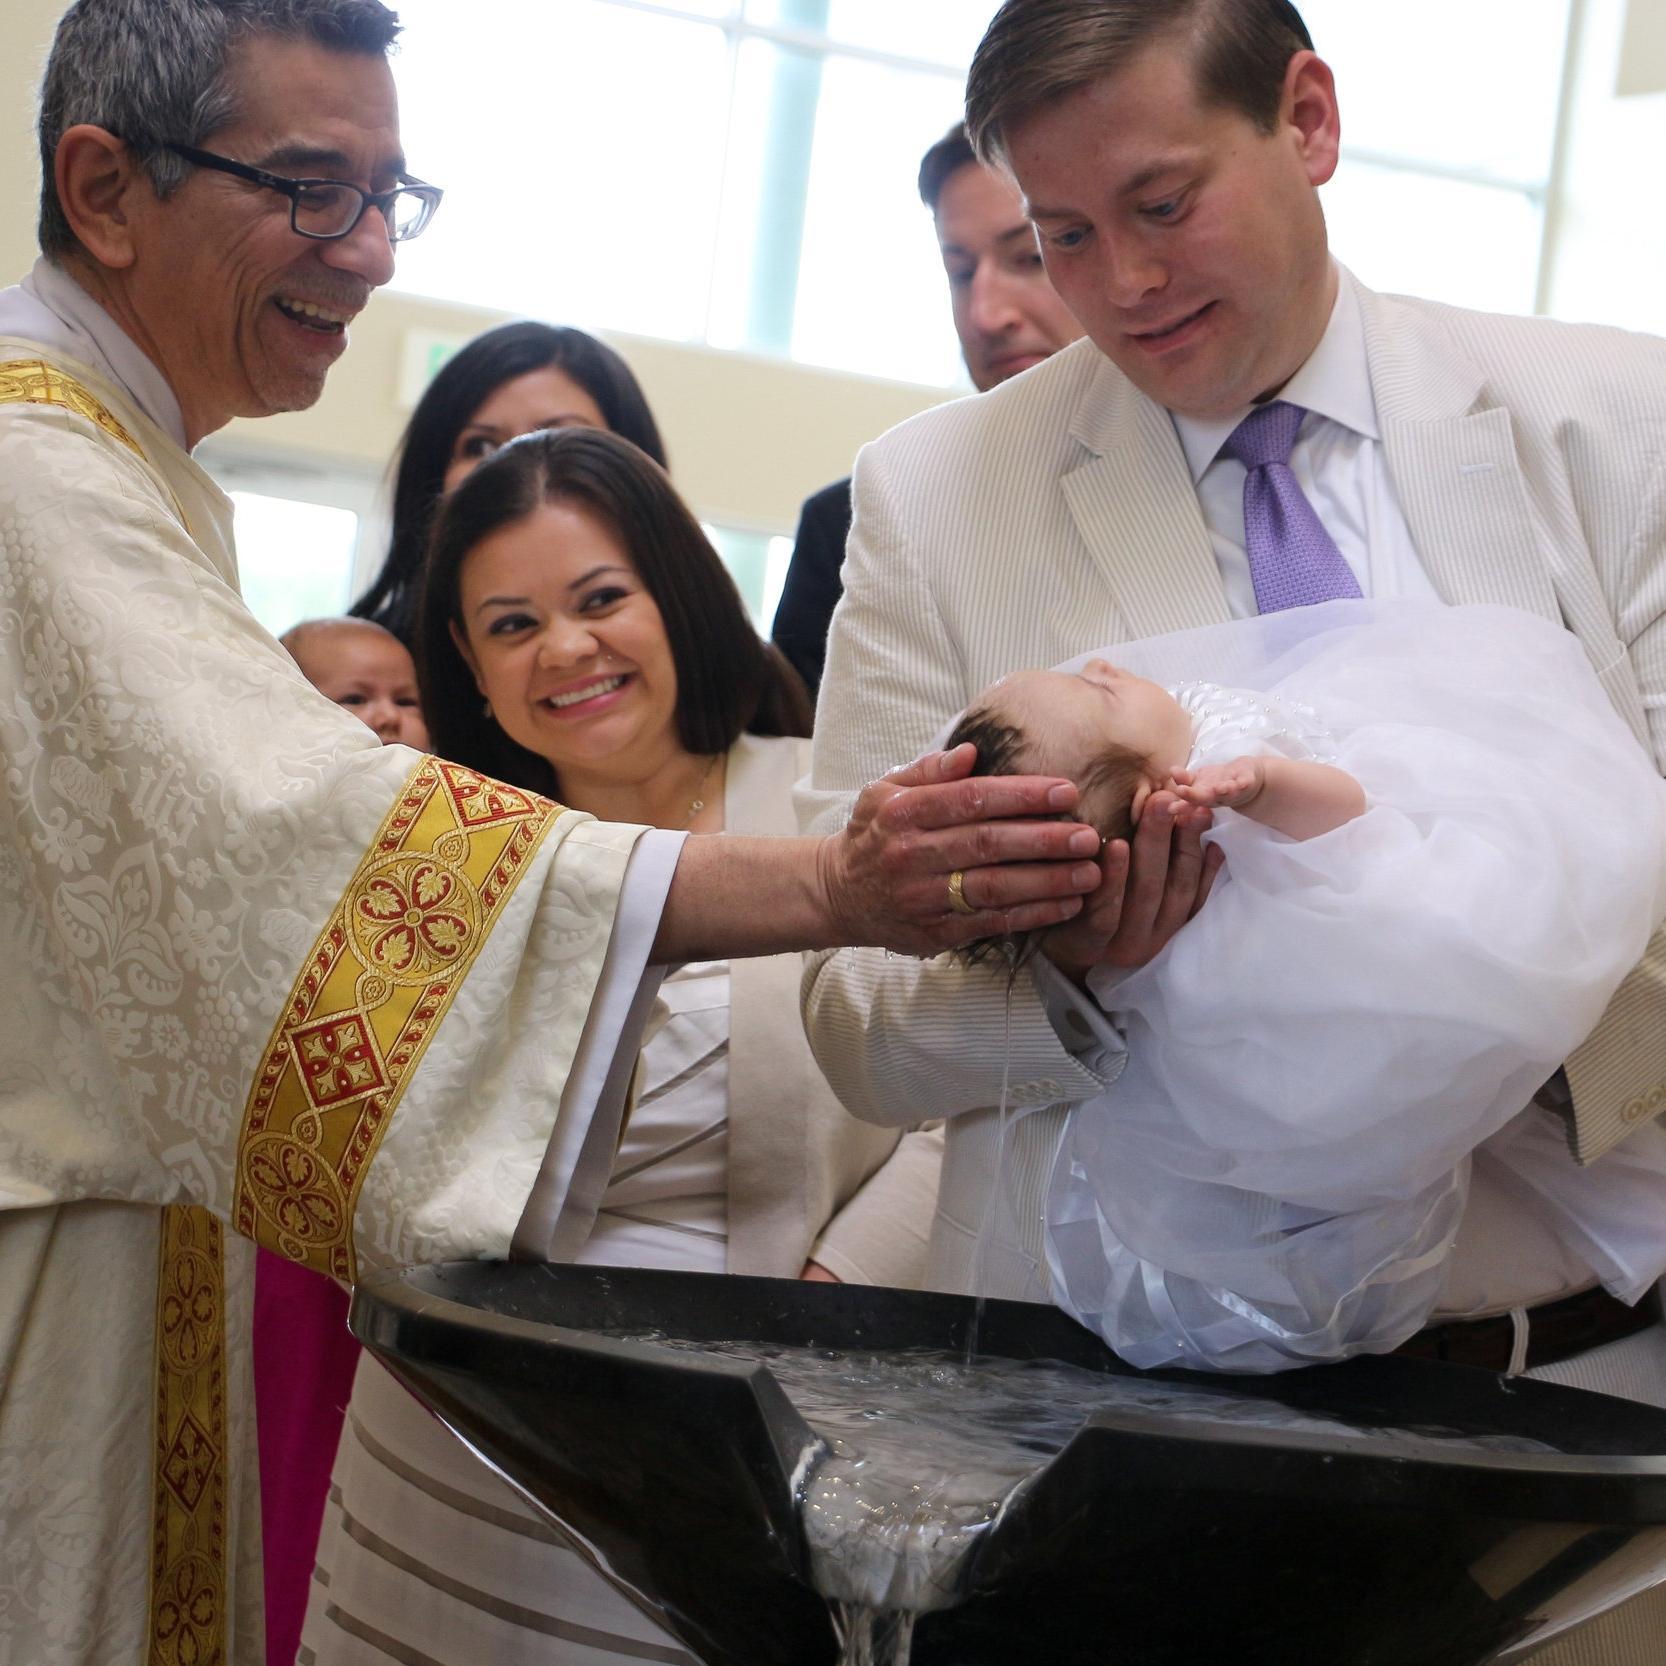 infant_baptism.jpg